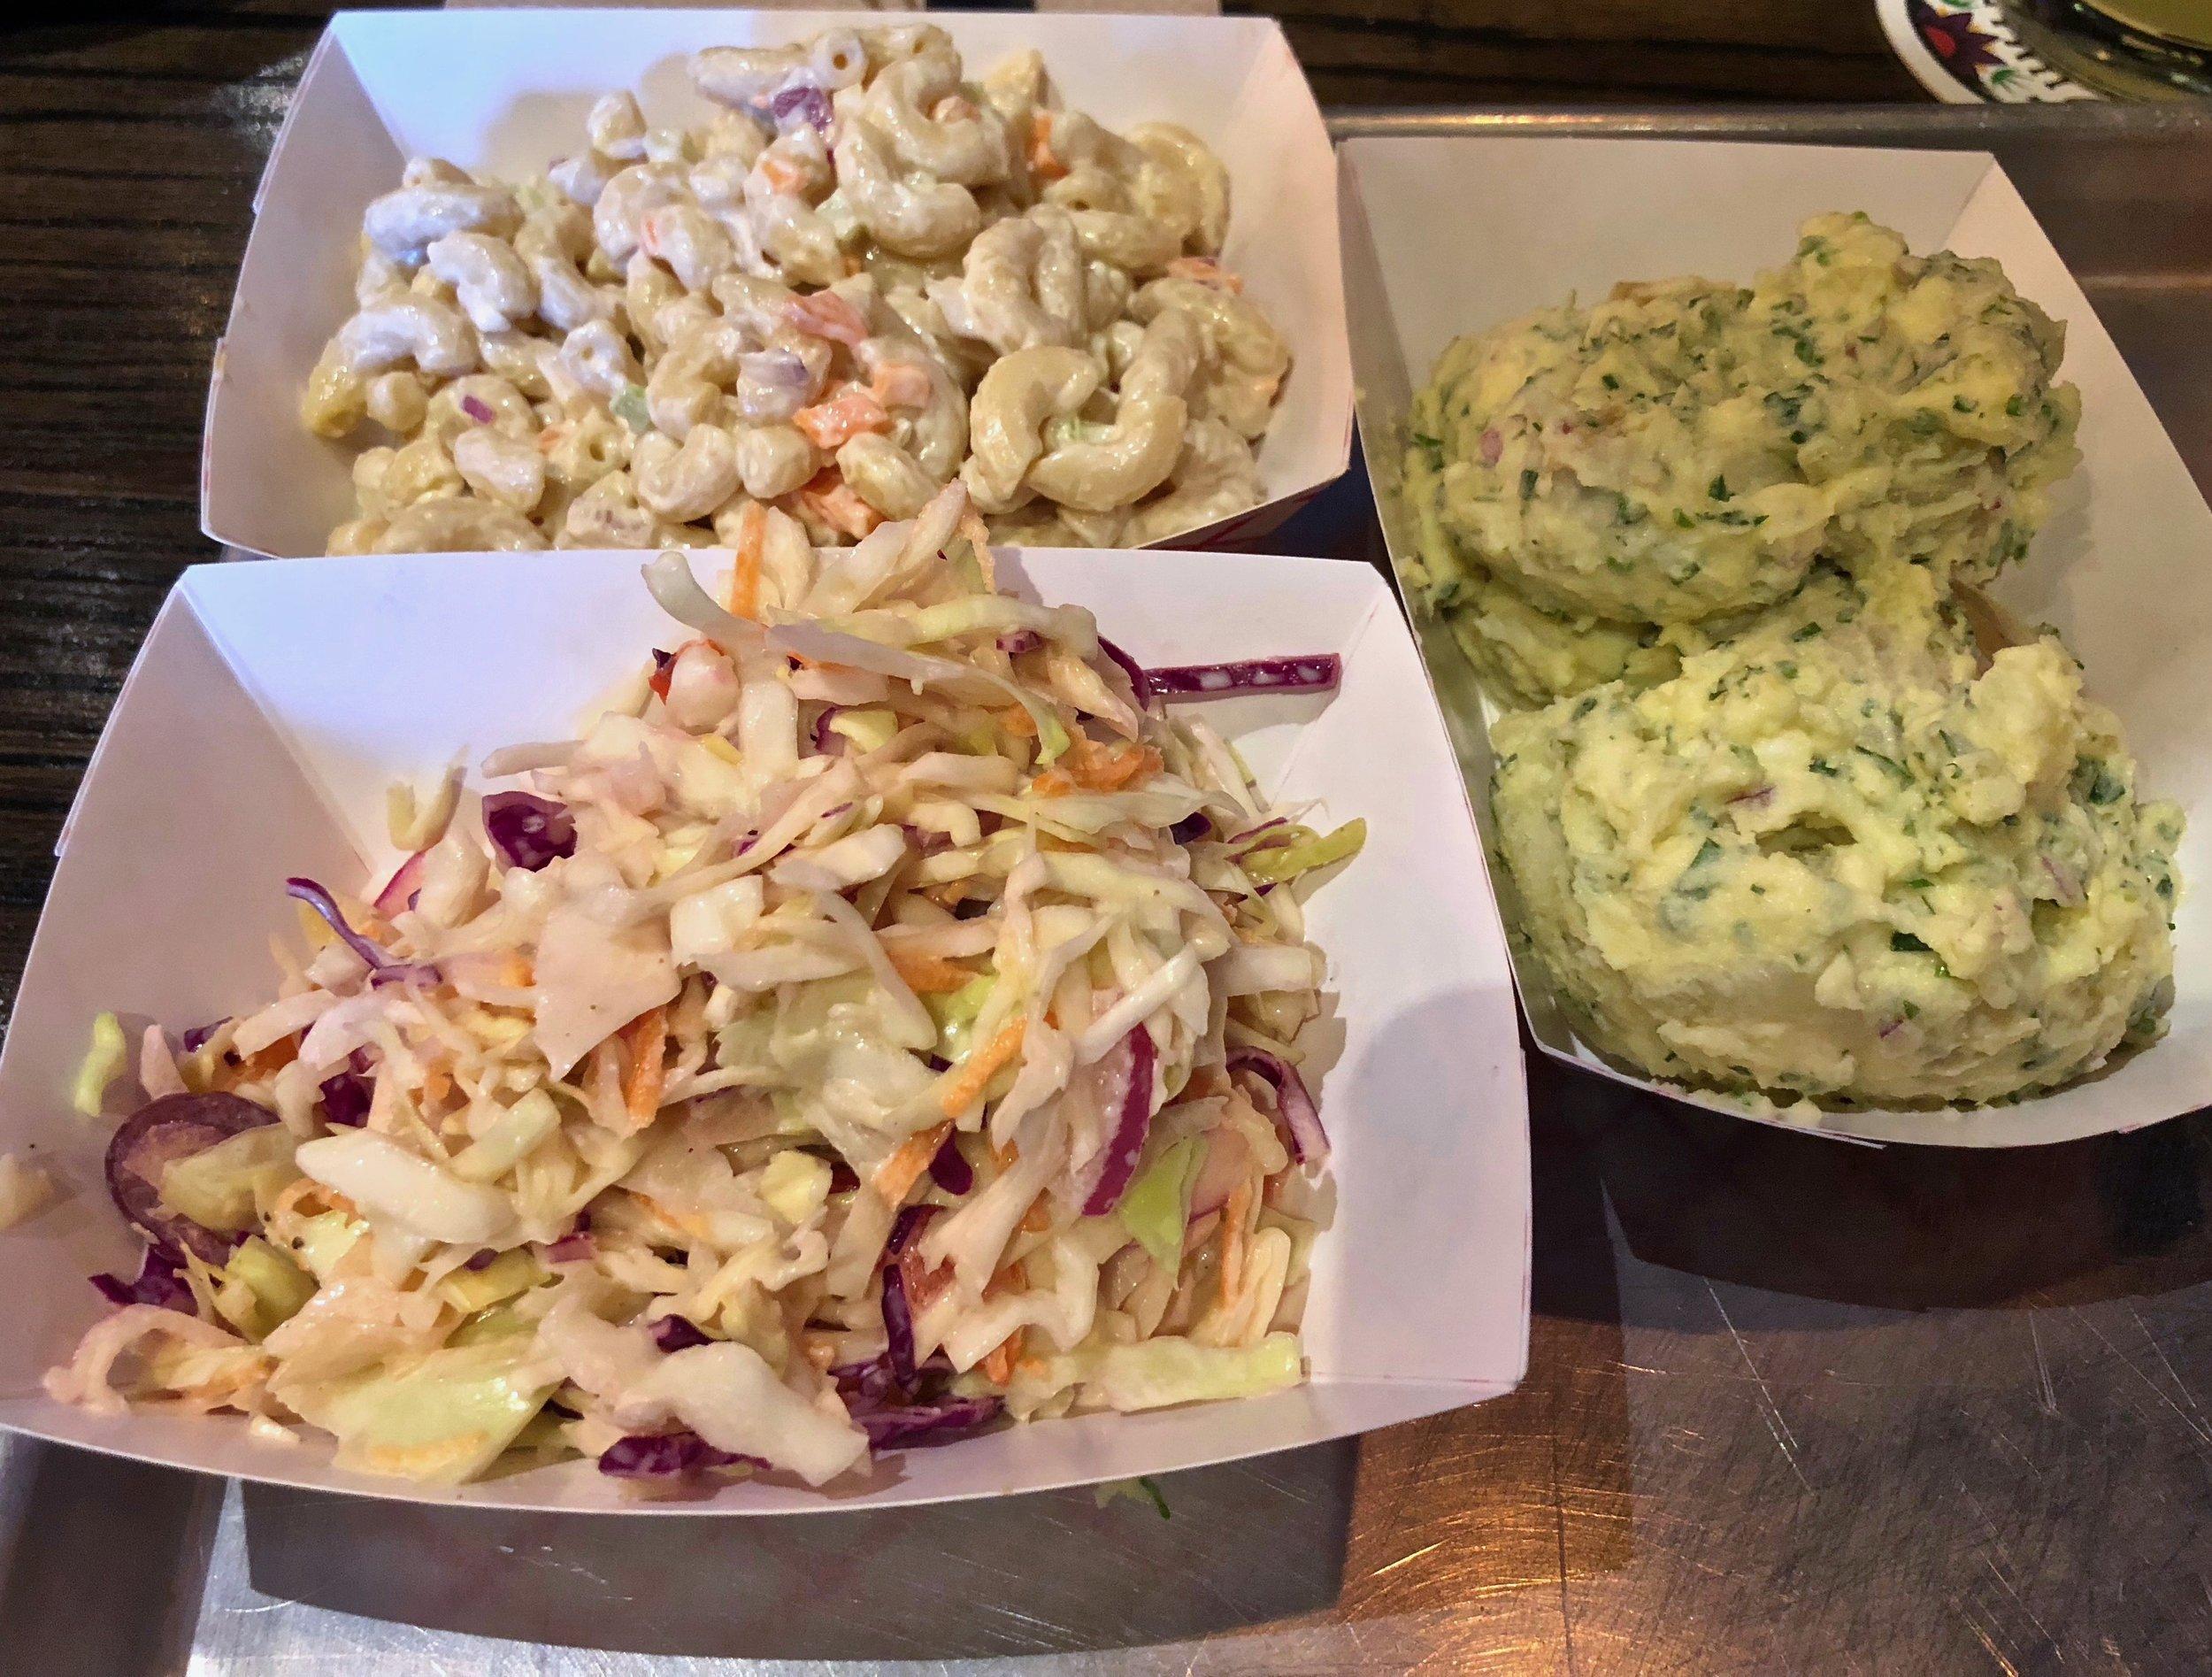 macaroni salad, cole slaw and potato salad